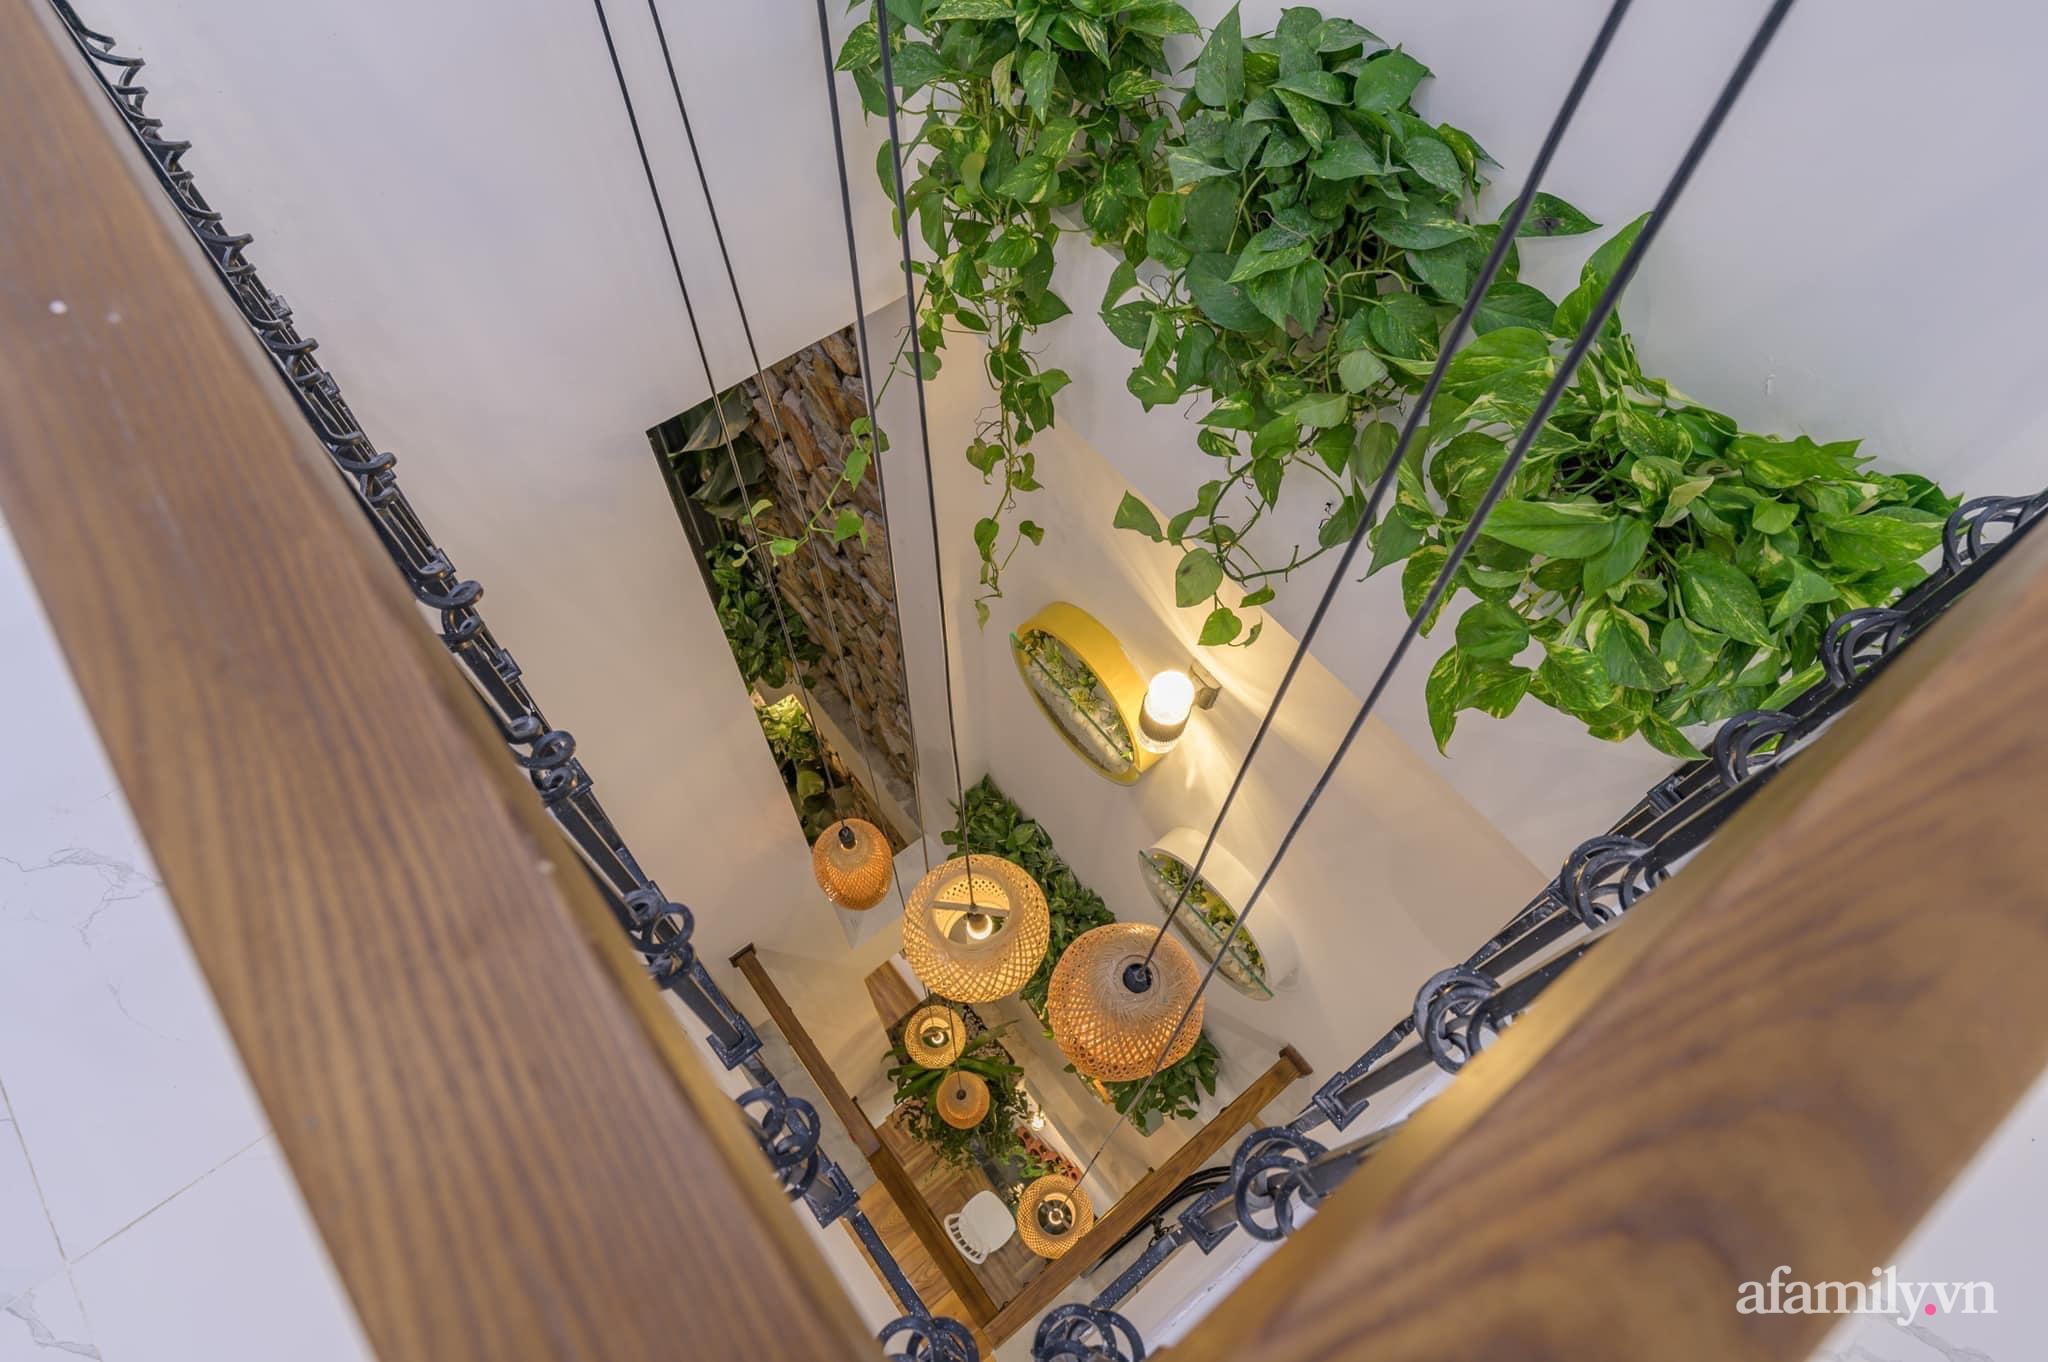 Nhà phố 4 tầng rộng 58m² đẹp an yên với giếng trời nhiều cây xanh và ánh nắng ngập tràn ở Đà Nẵng - Ảnh 5.